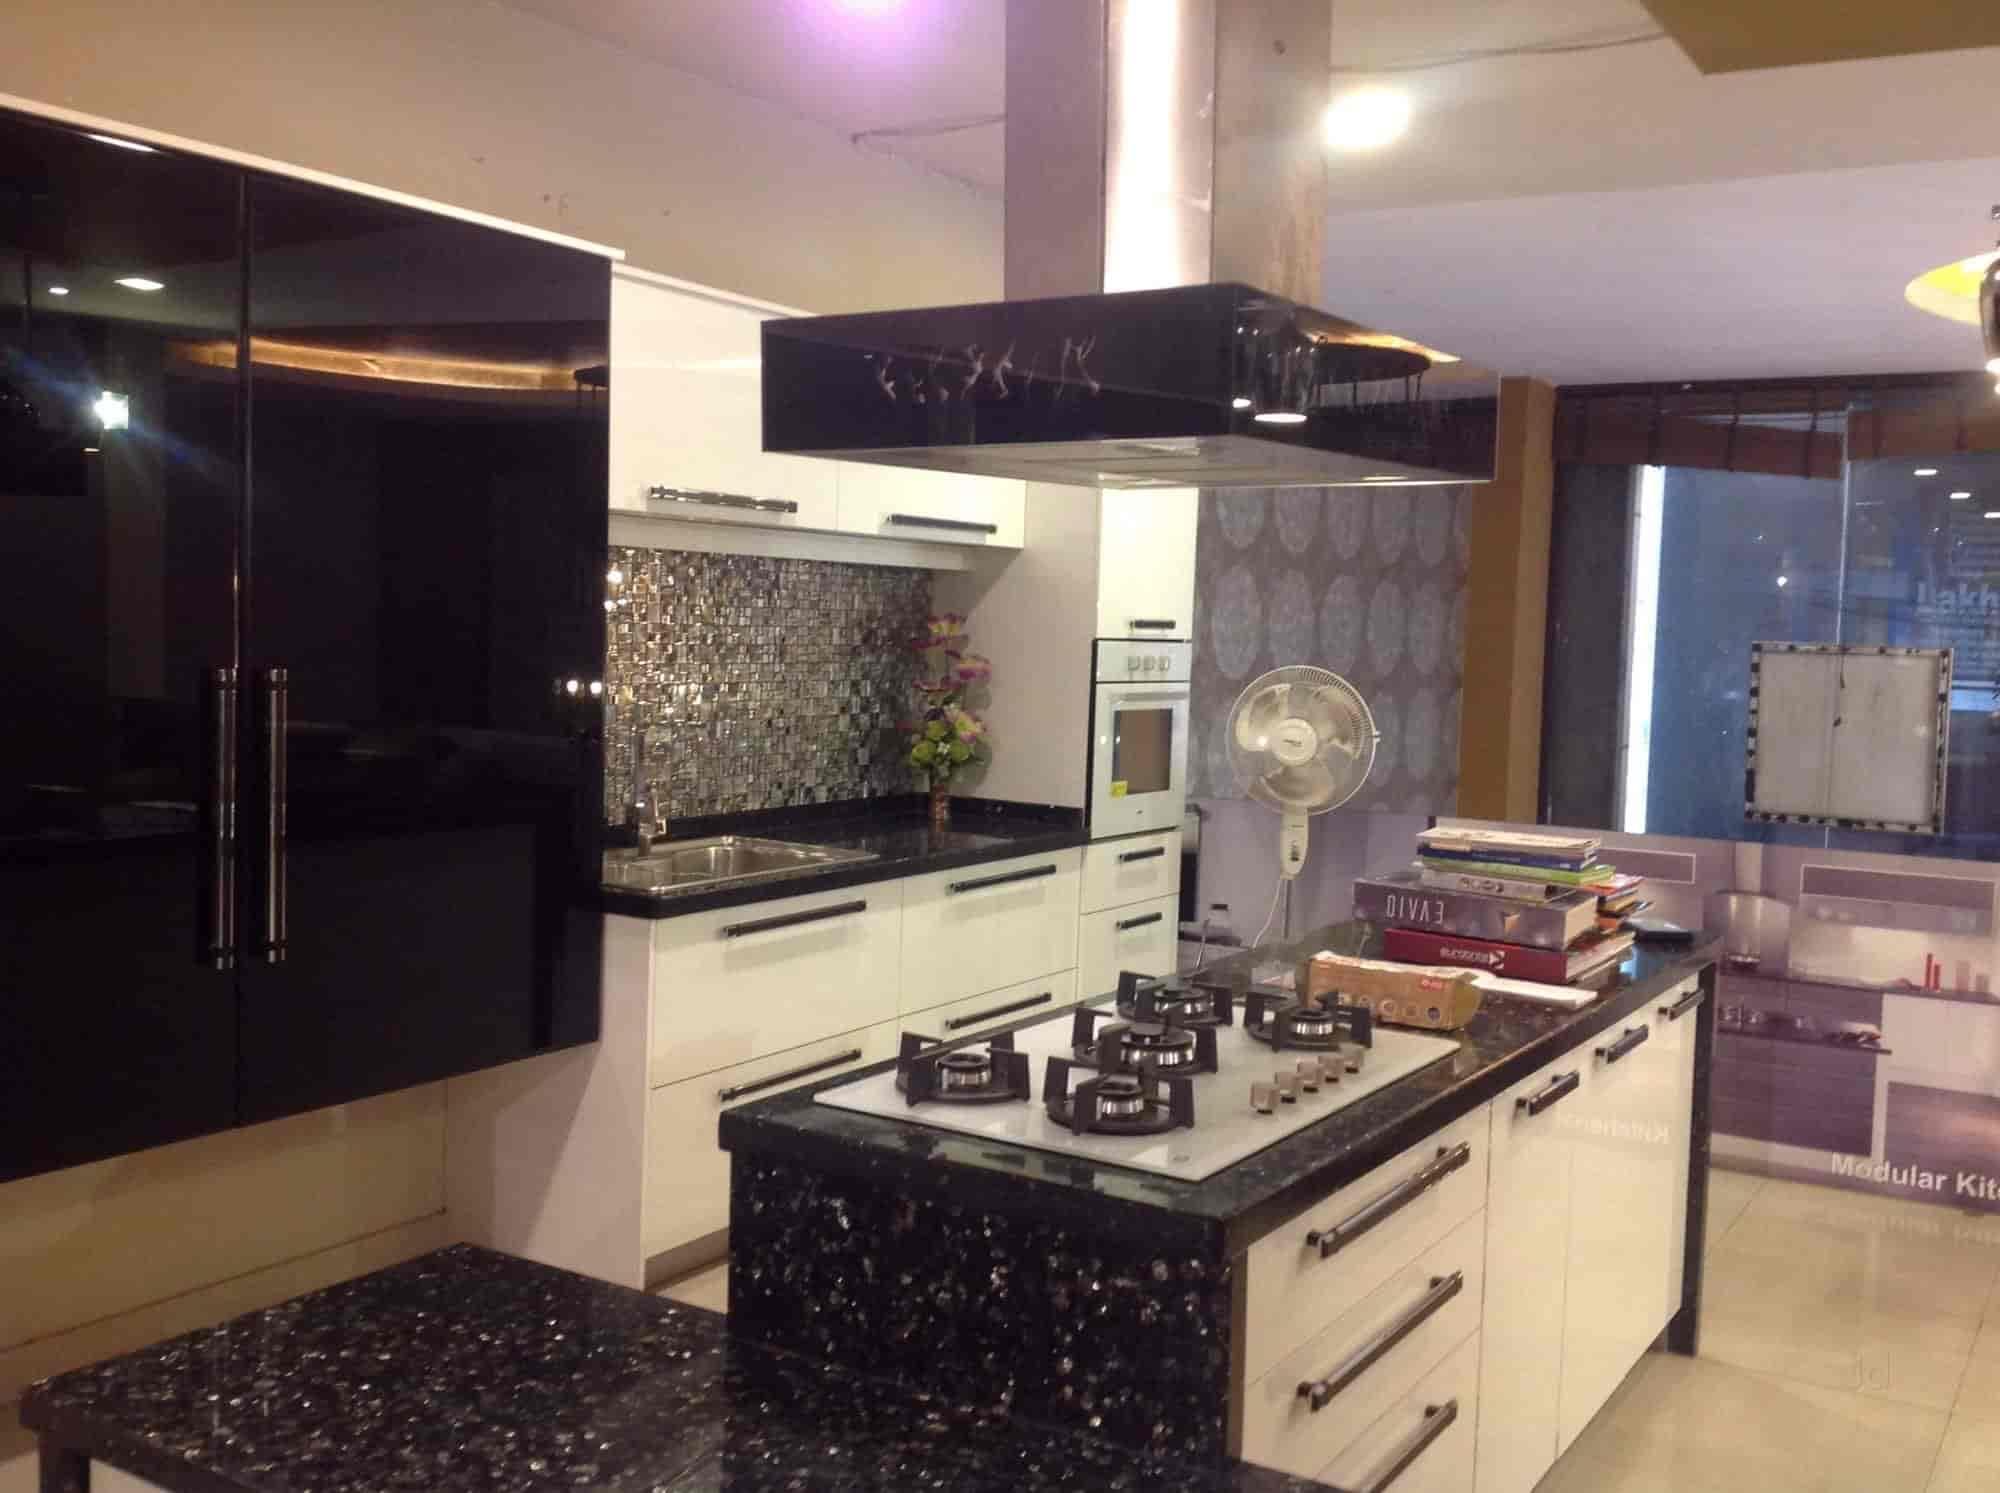 Magnet Kitchens And Wardrobes, Mansarover Garden   Modular Kitchen  Manufacturers In Delhi   Justdial